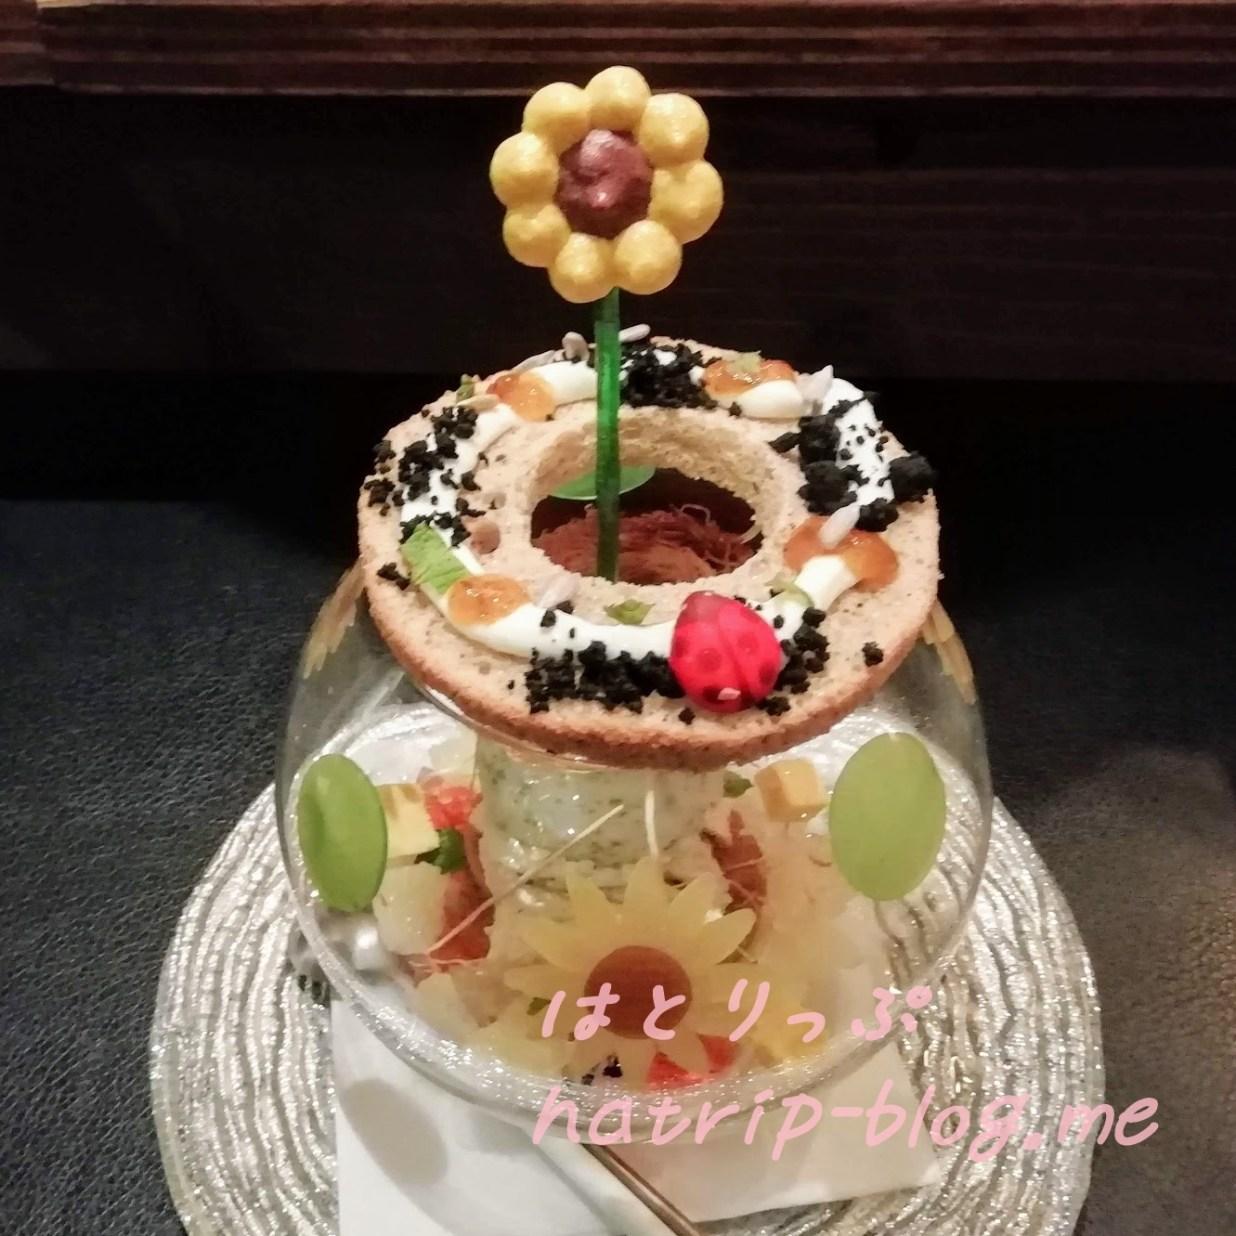 札幌 すすきの 夜パフェ専門店 パフェテリア パル ひまわりの約束